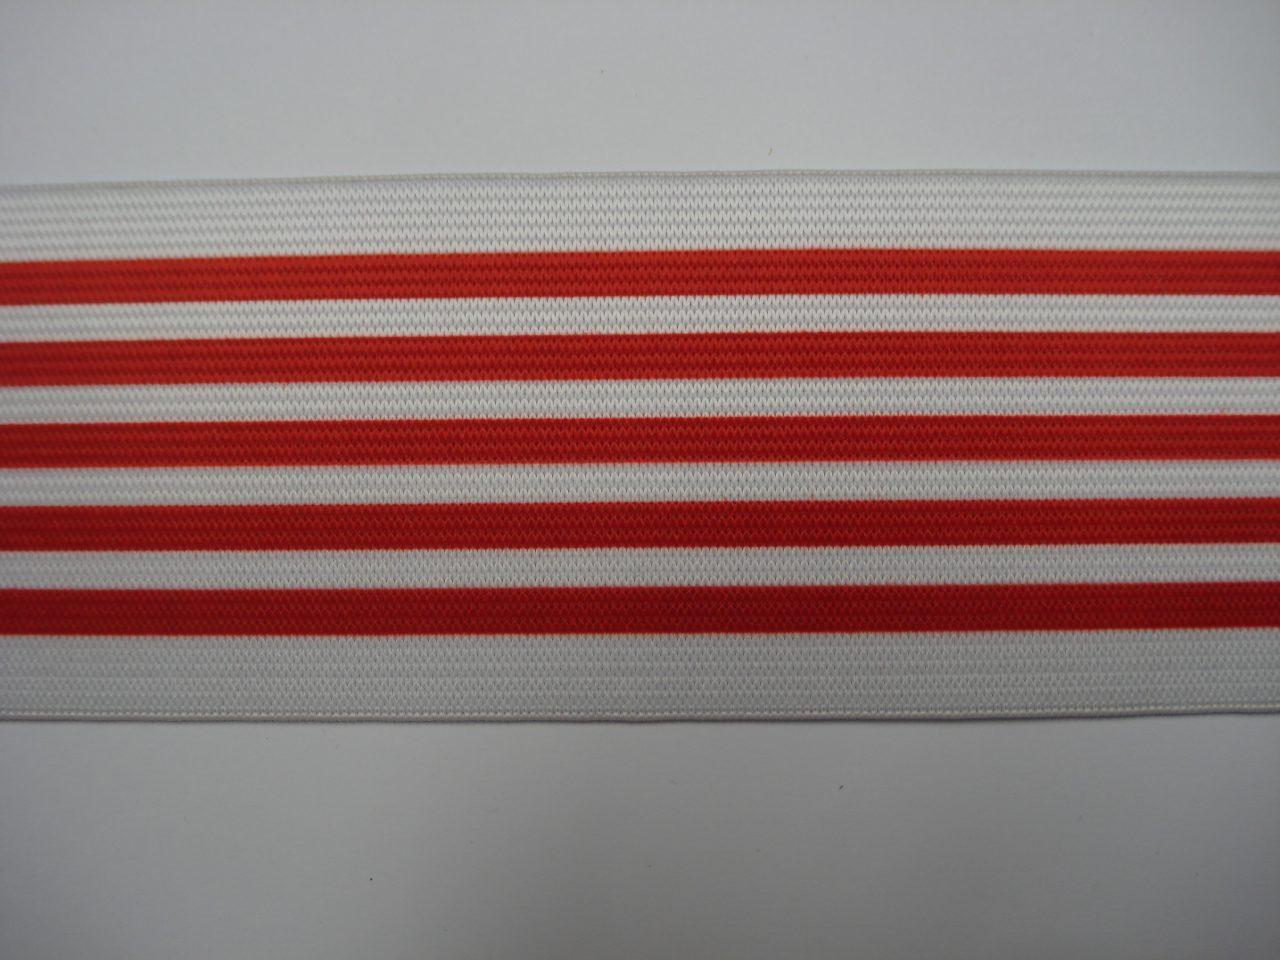 Gestreept Elastiek rood-wit 6cm breed €3,50 p/m